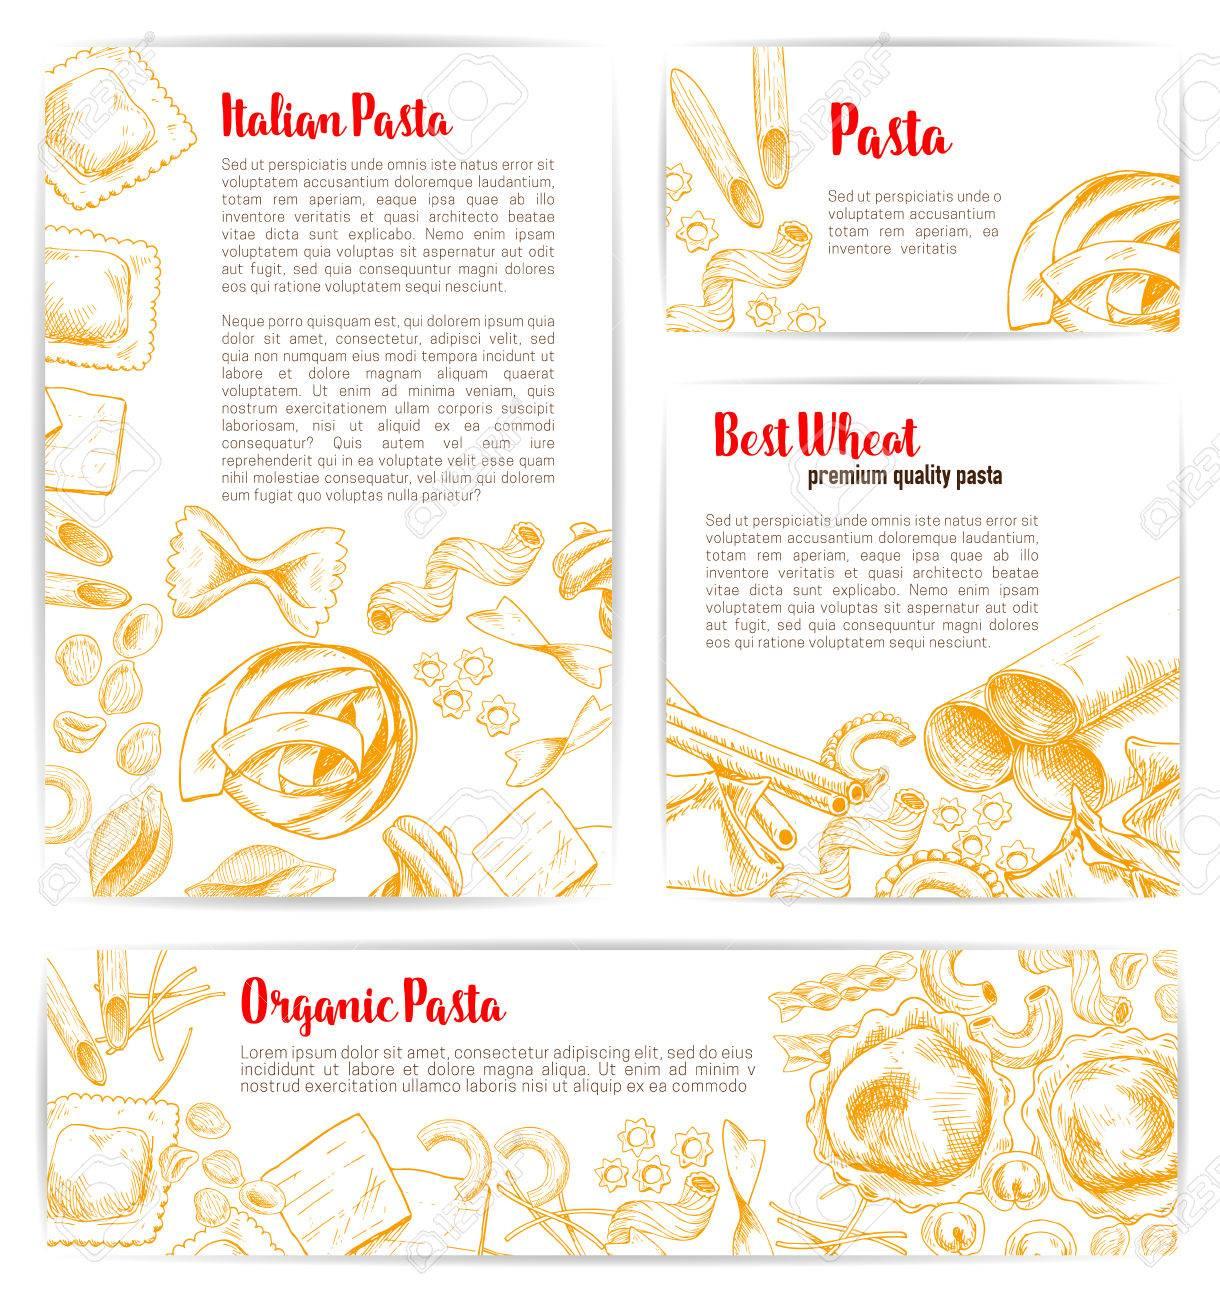 Italienische Pasta, Natürliche Bio-Makkaroni Produkt Poster Und ...